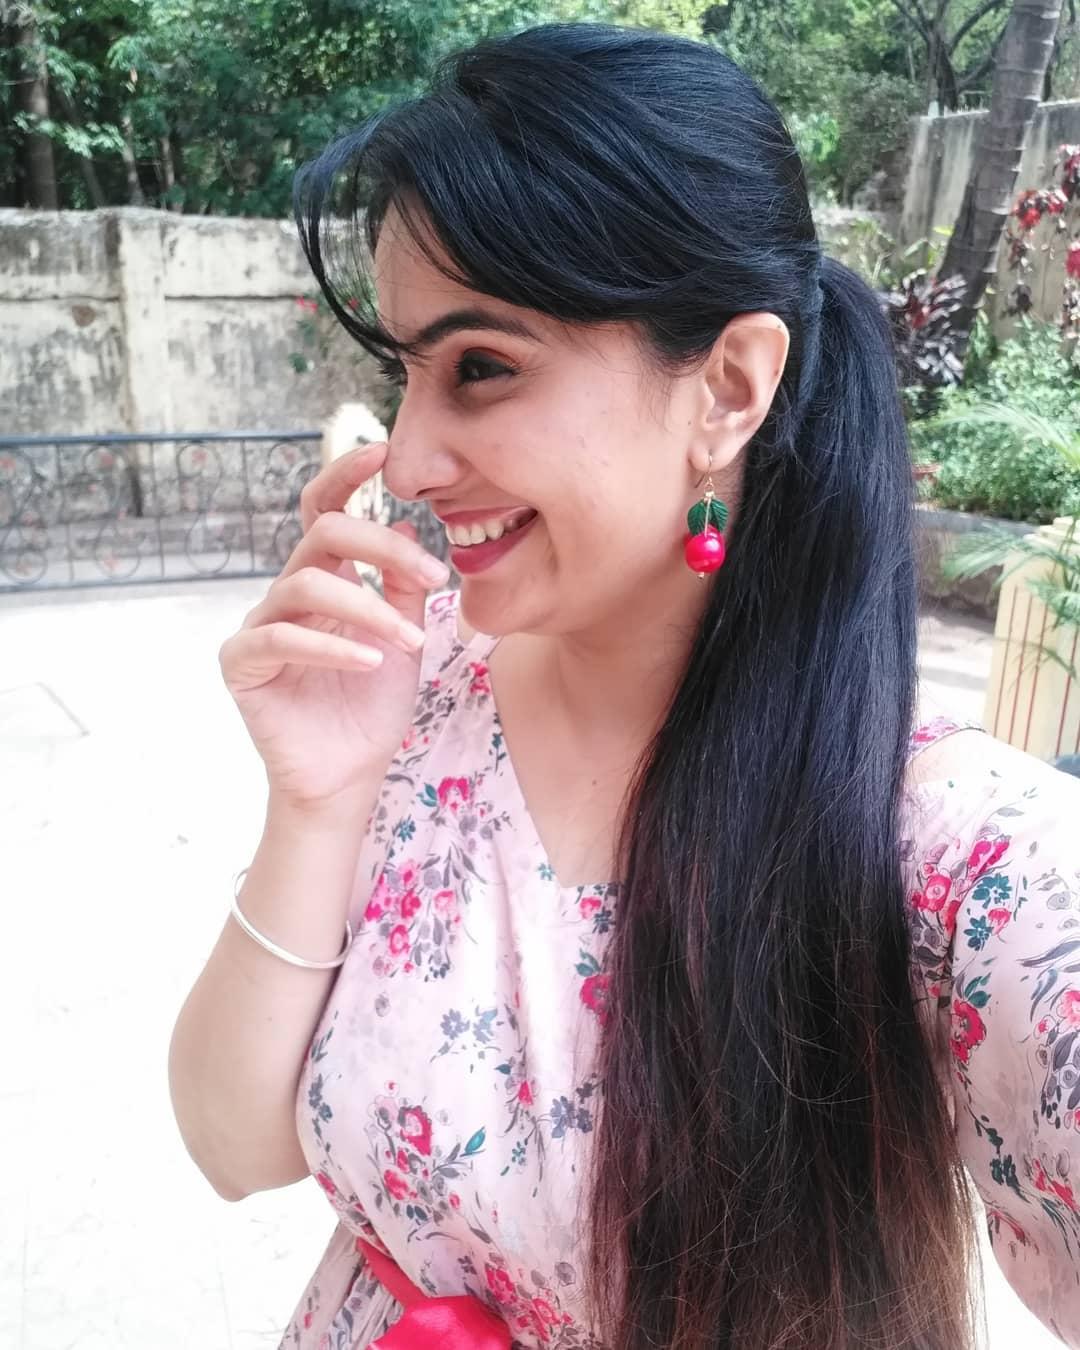 Sai lokur marathi actress 20